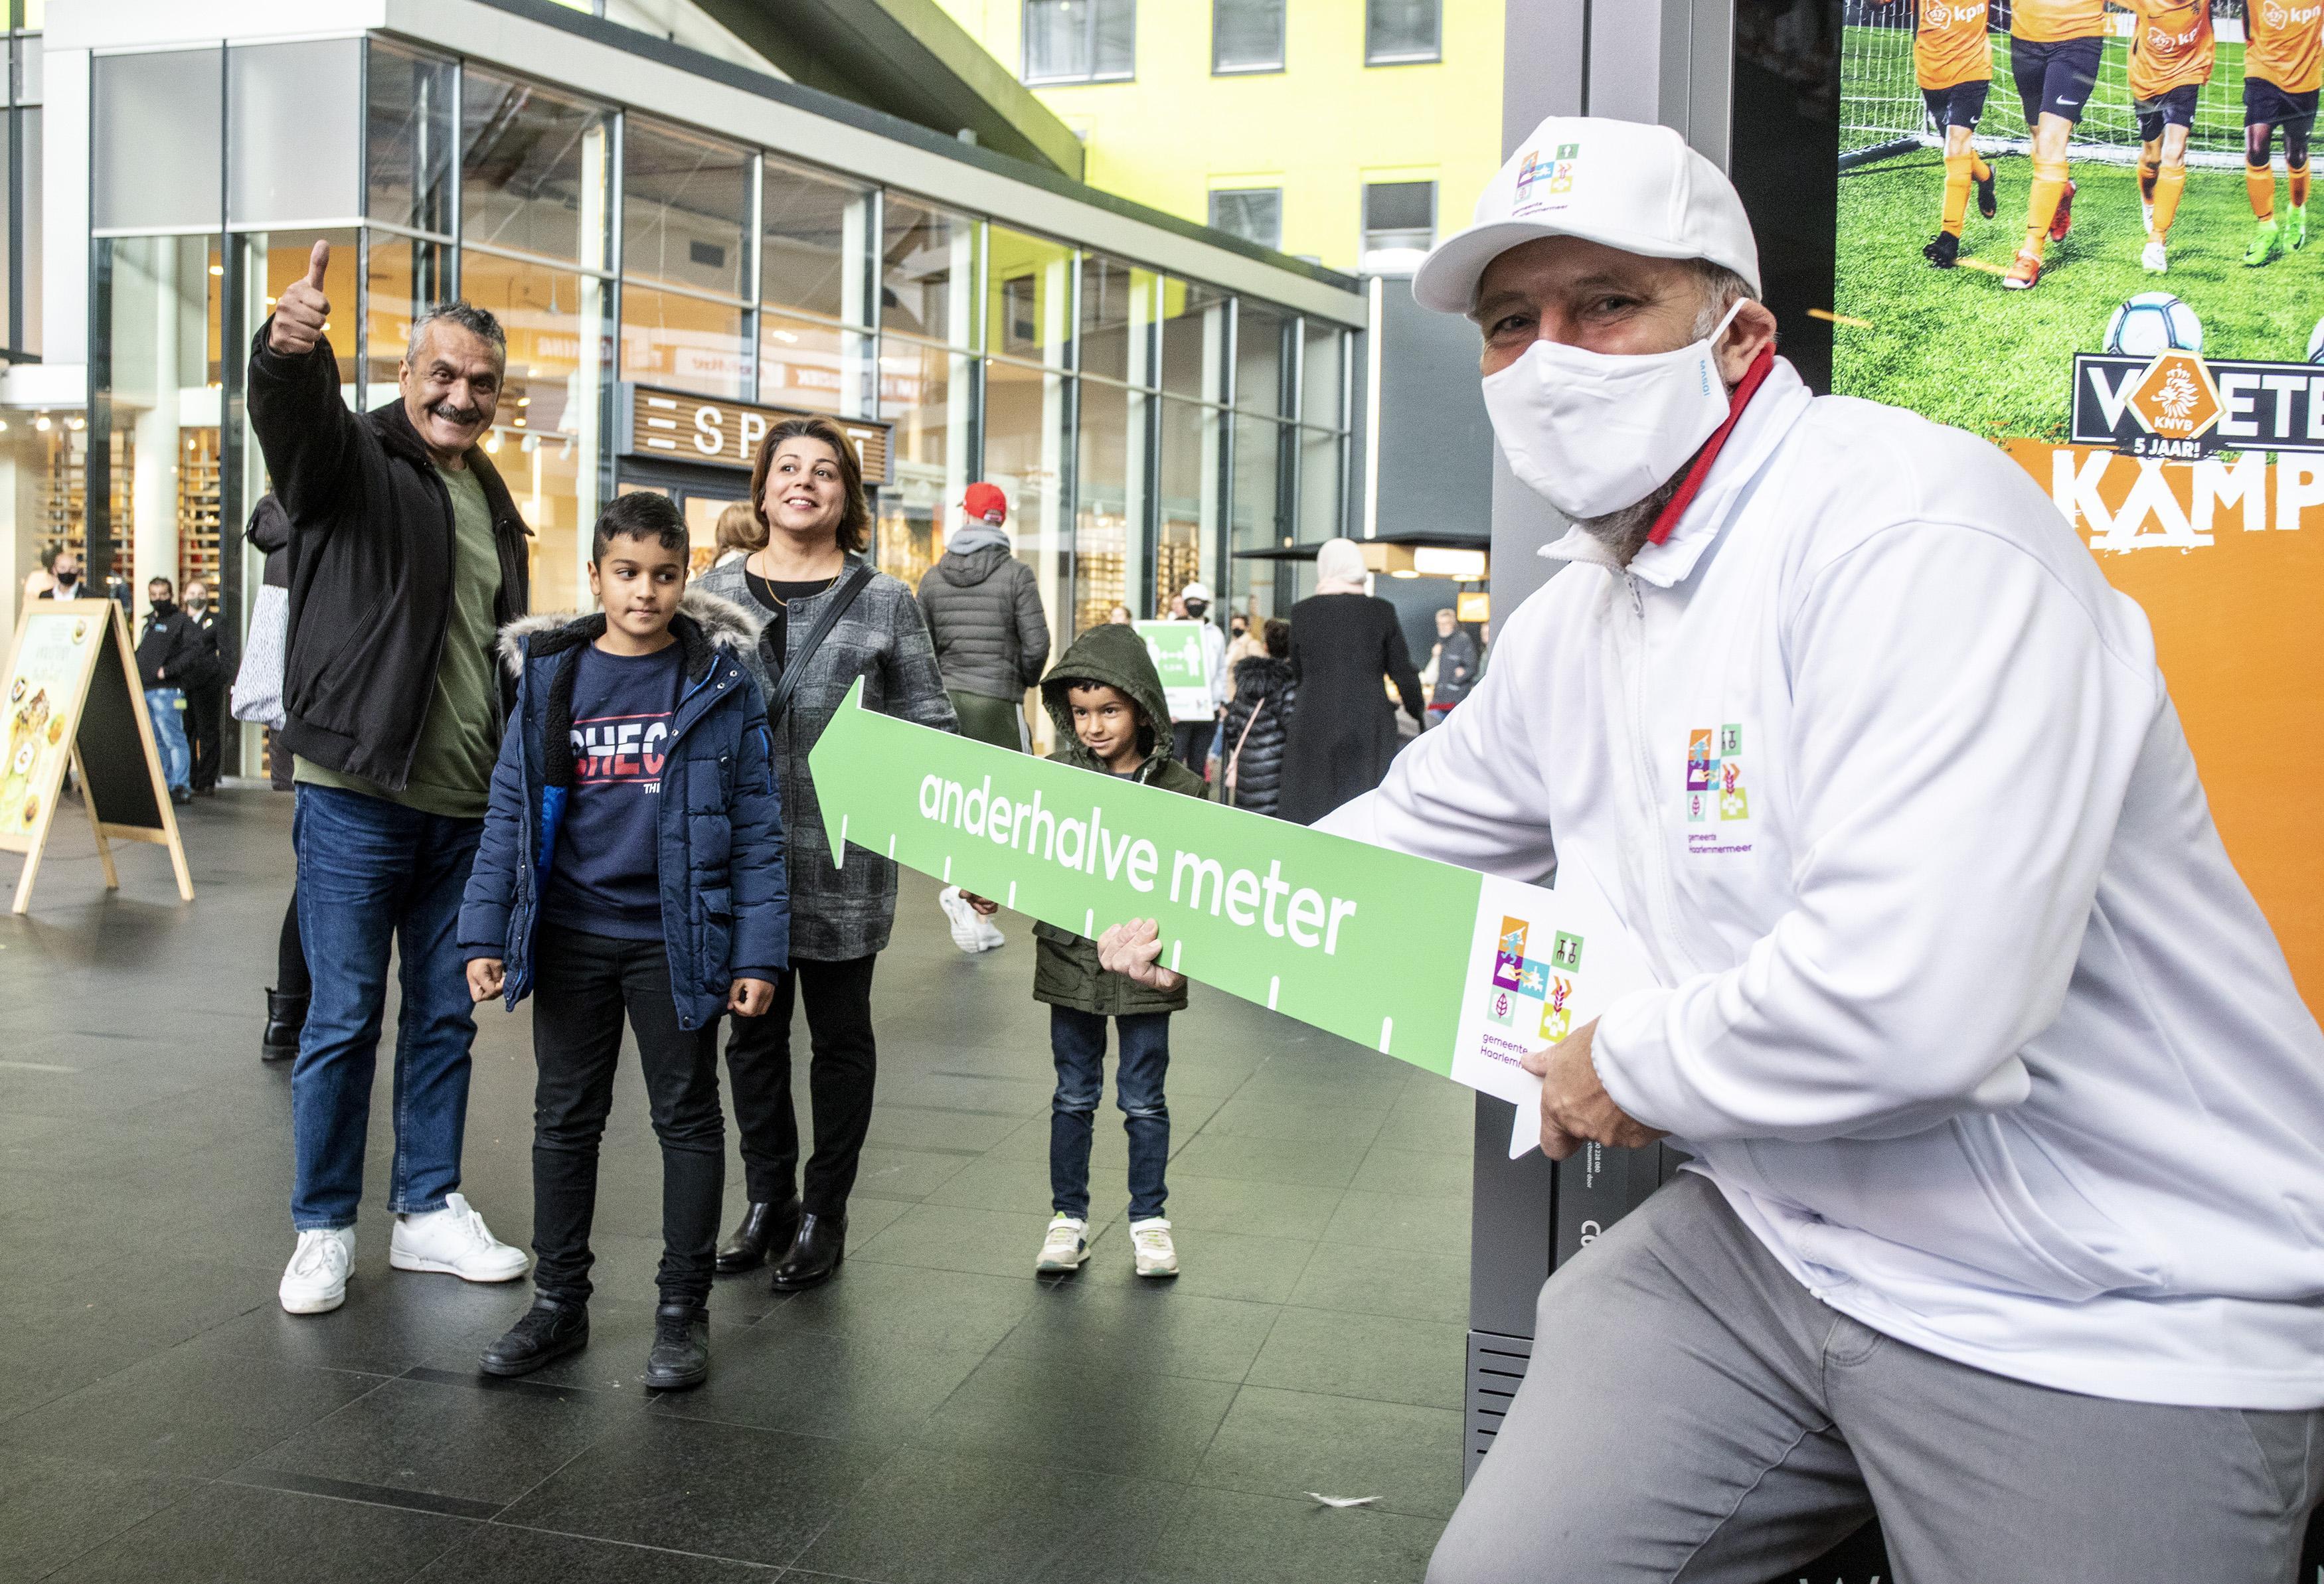 Anderhalvemeterteams in actie in winkelcentrum Vier Meren in Hoofddorp: 'Goed dat jullie dit doen'